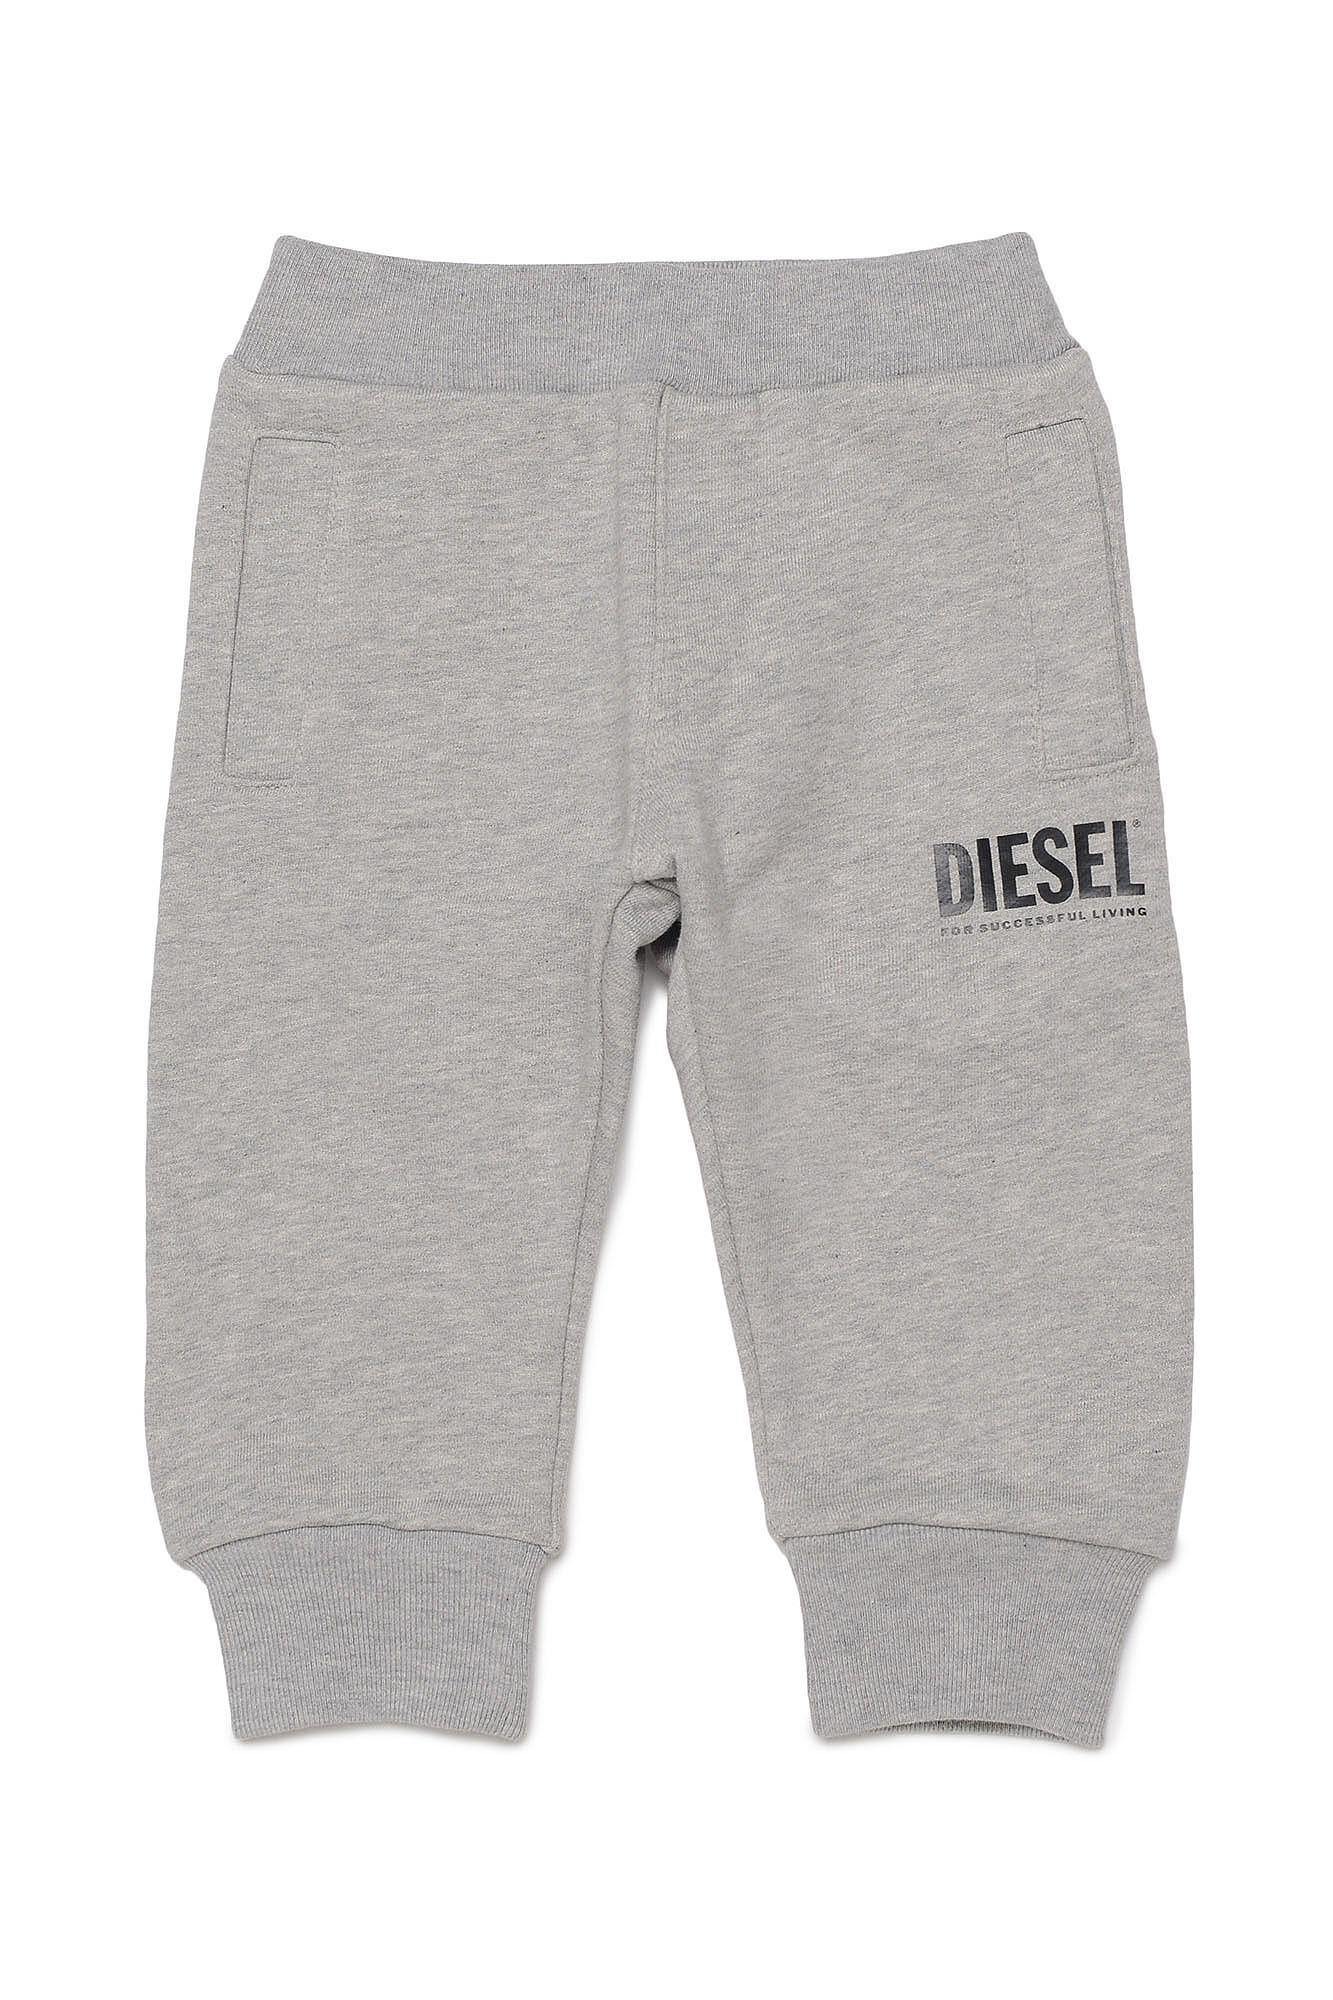 Psonnyb Pants - Diesel Kid